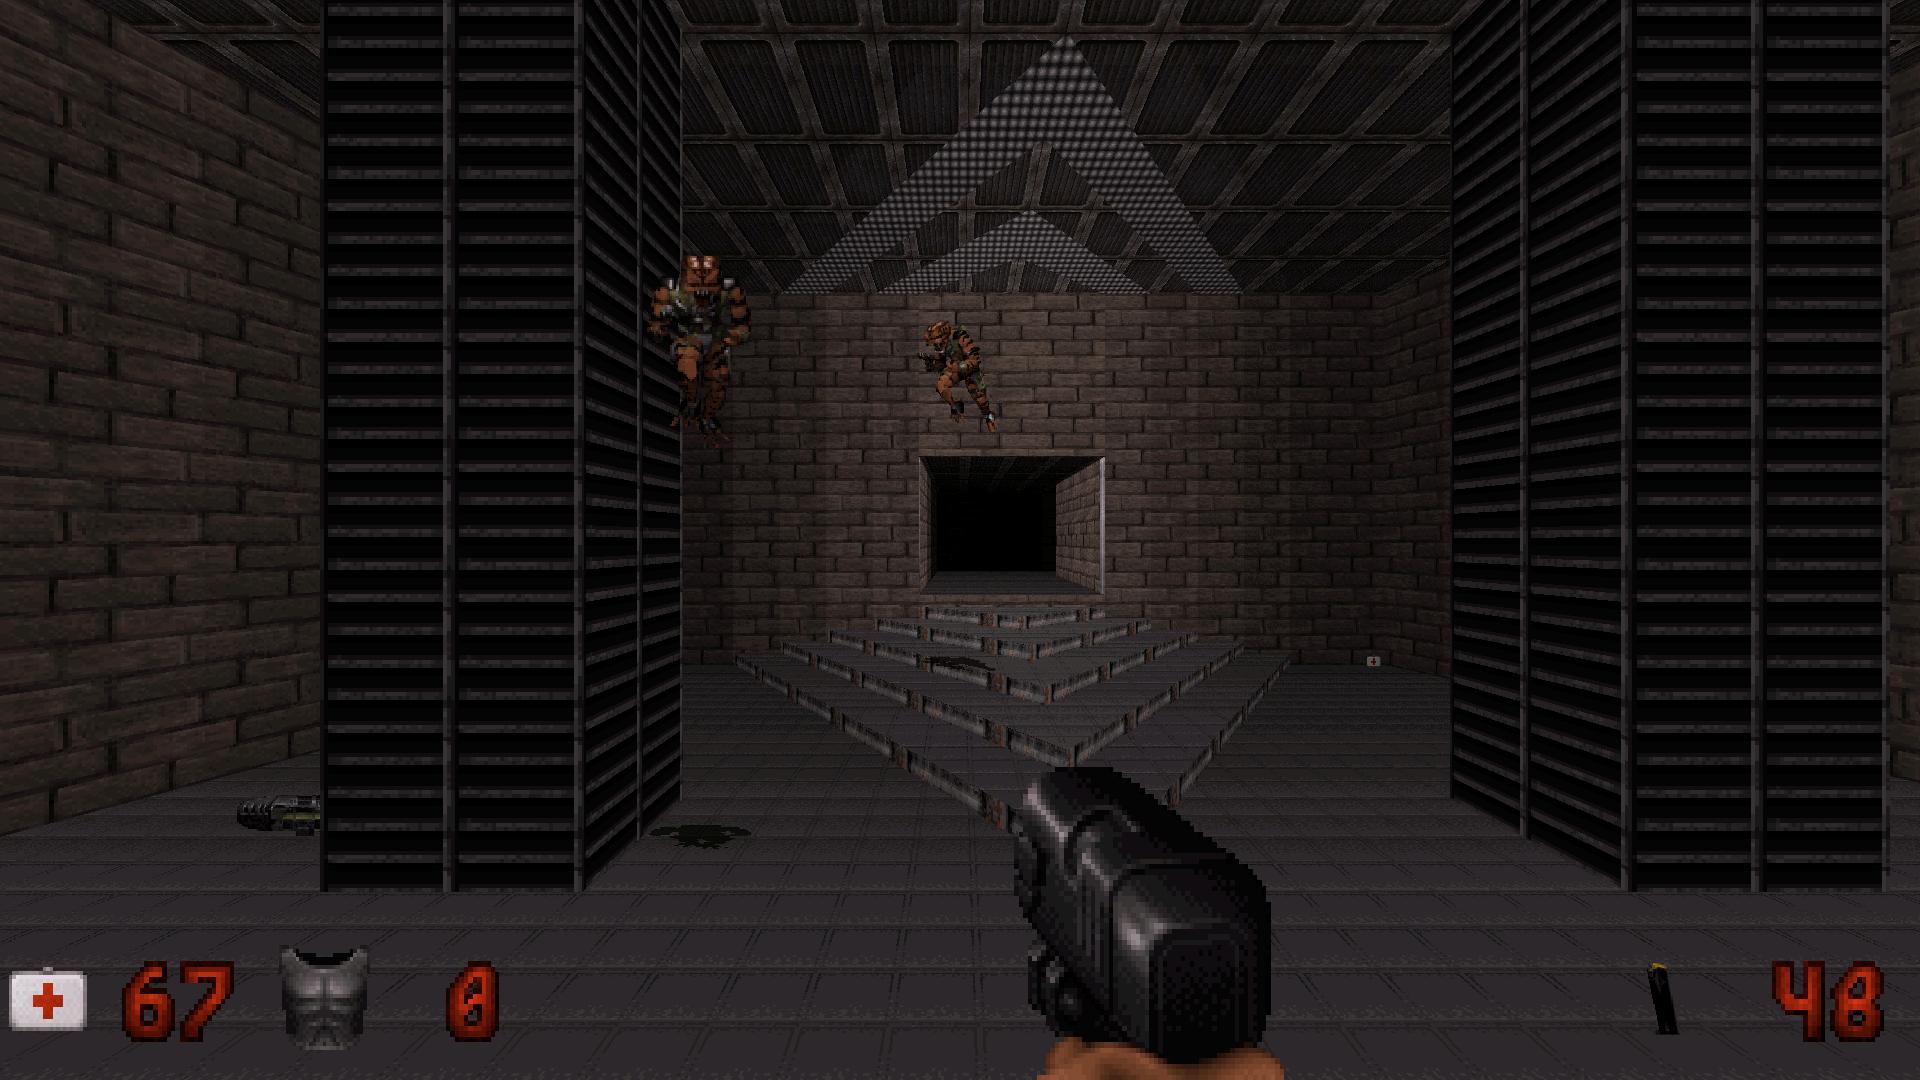 Map: Doom II E1M1 for Duke, author: Malcolm Boy